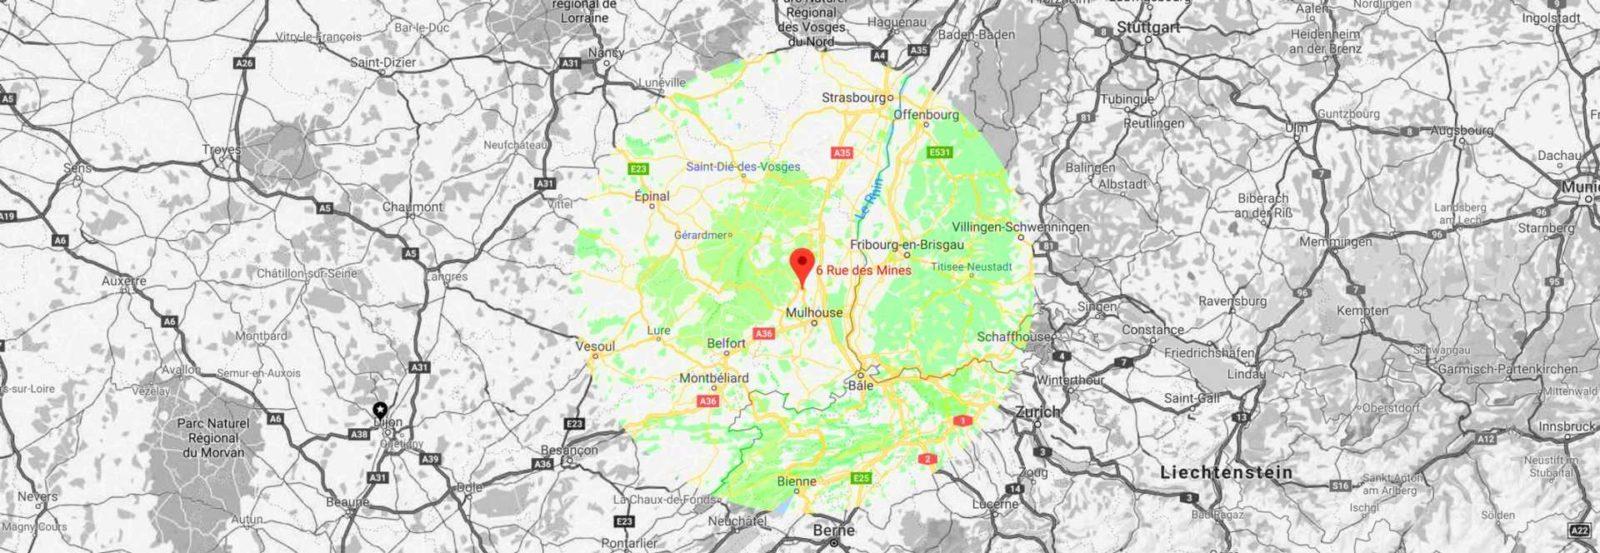 Nous intervenons jusu'à 100 km autour de Feldkirch